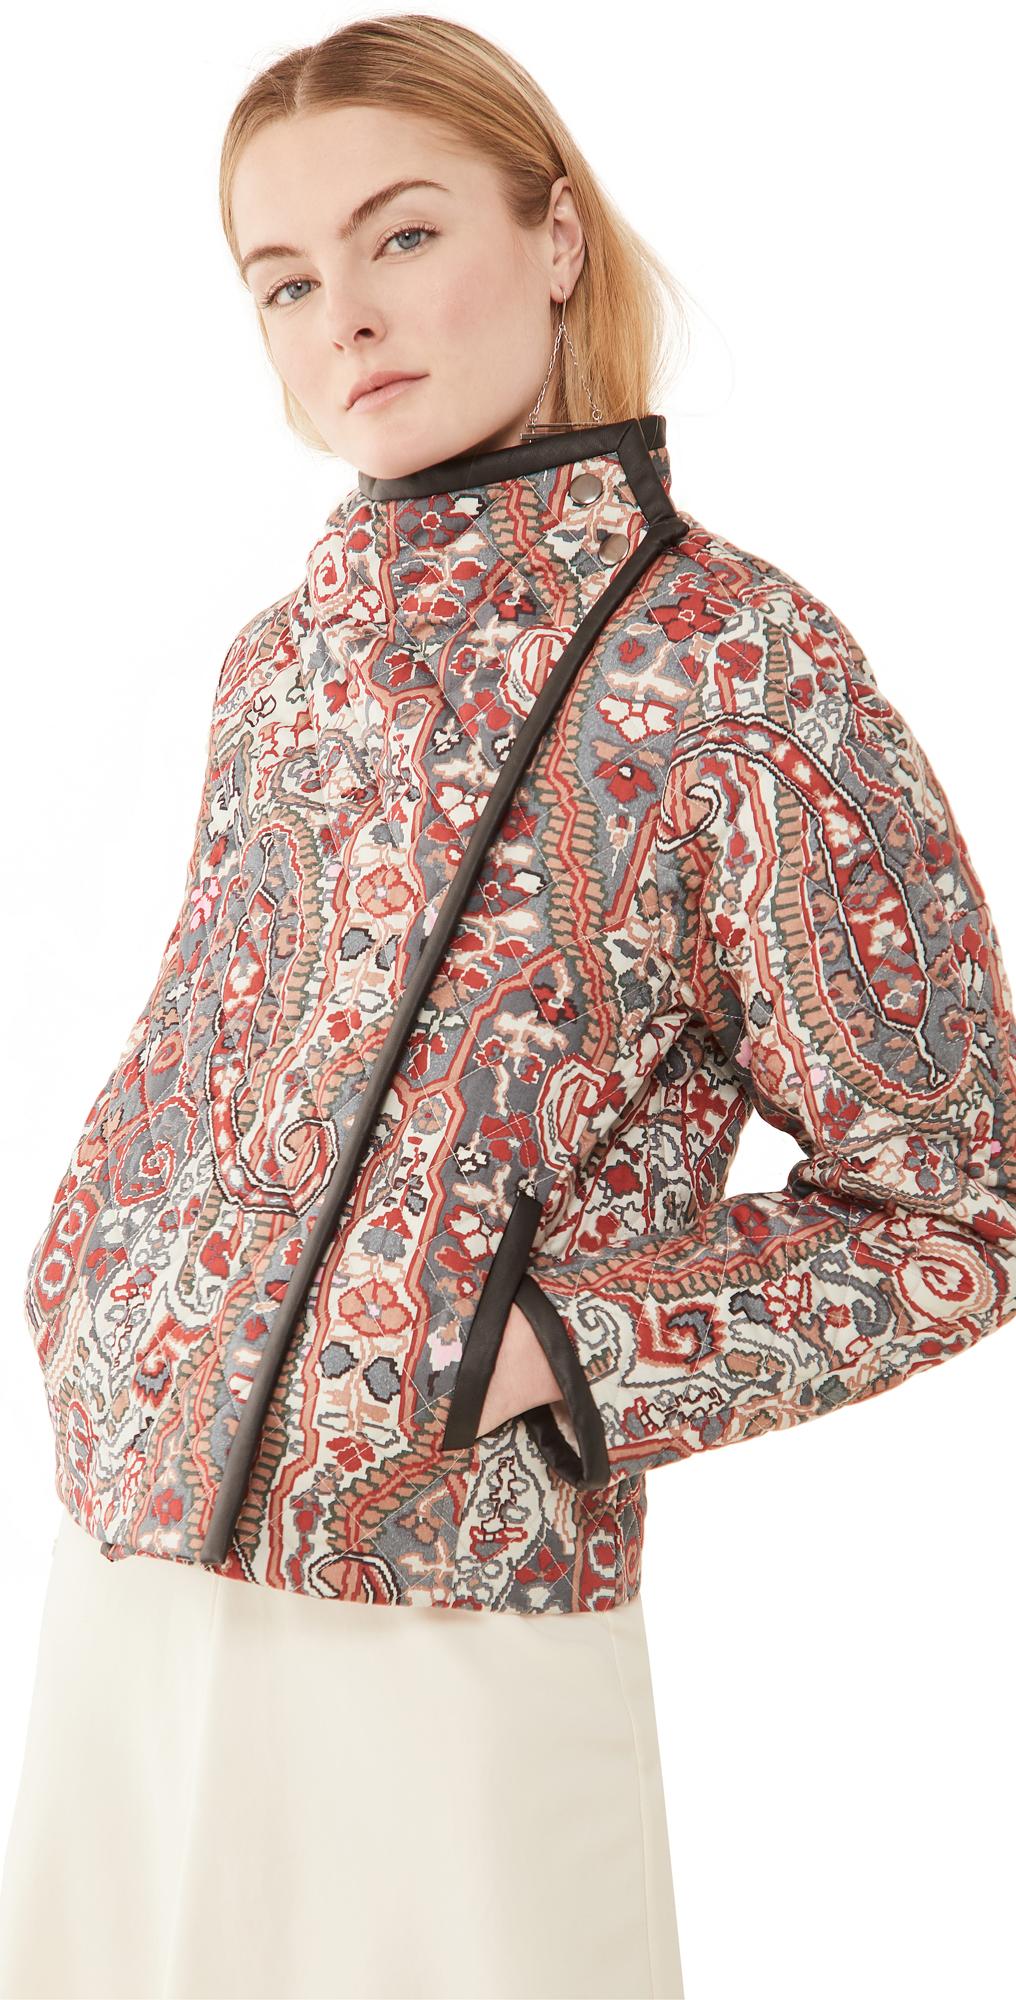 Isabel Marant Jenolia Jacket